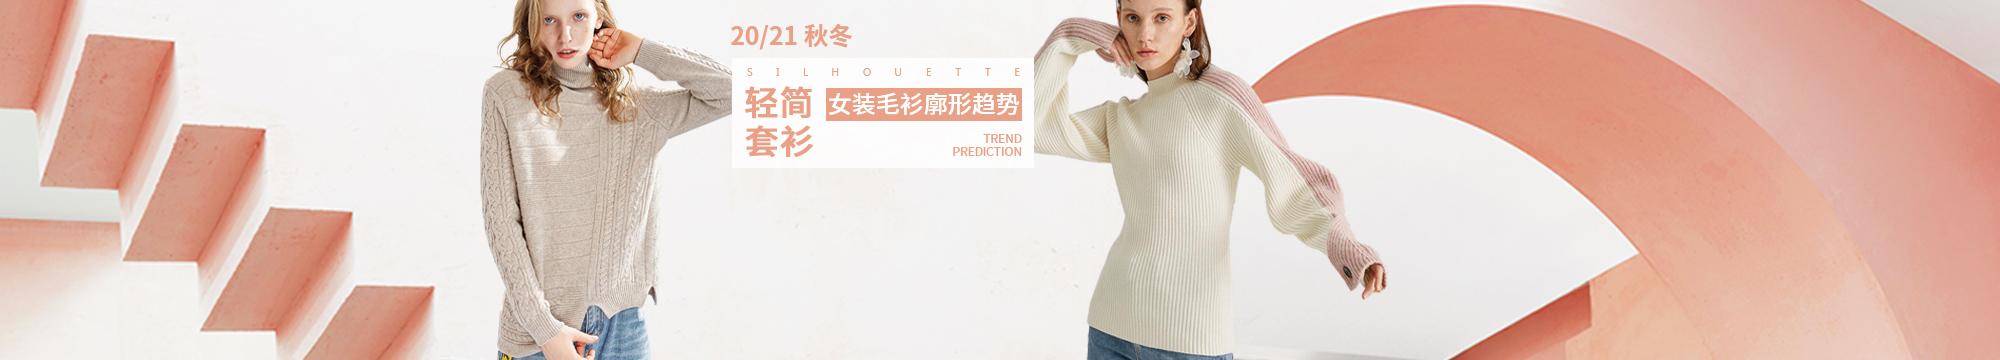 轻简?#21672;?-20/21秋冬女装毛衫廓形趋势预测